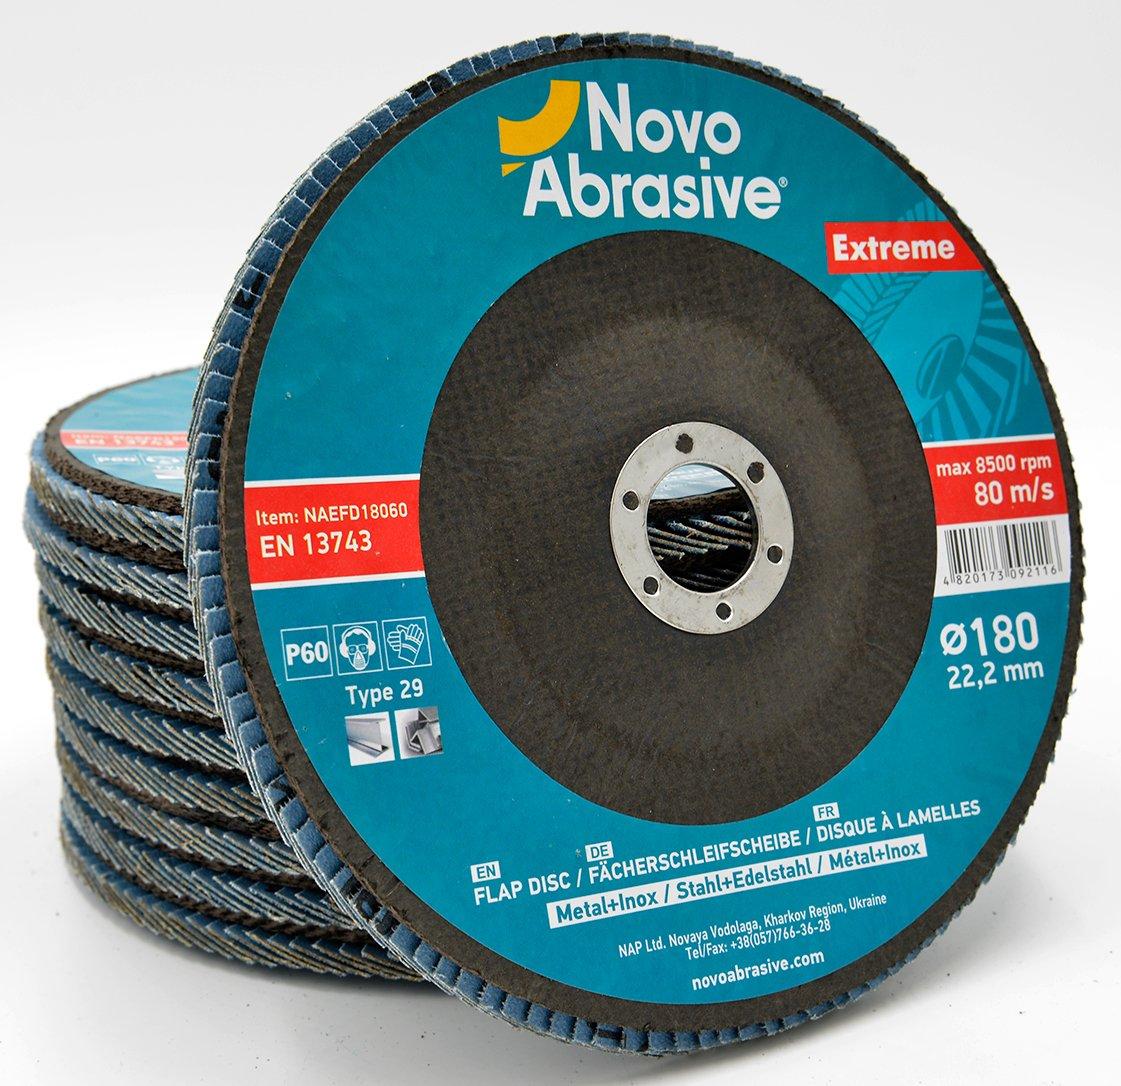 NOVOABRASIVE Disques abrasifs /à lamelles 115mm Grain 120 pon/çage al/ésage MOP Lot de 10 pi/èces pour meulage